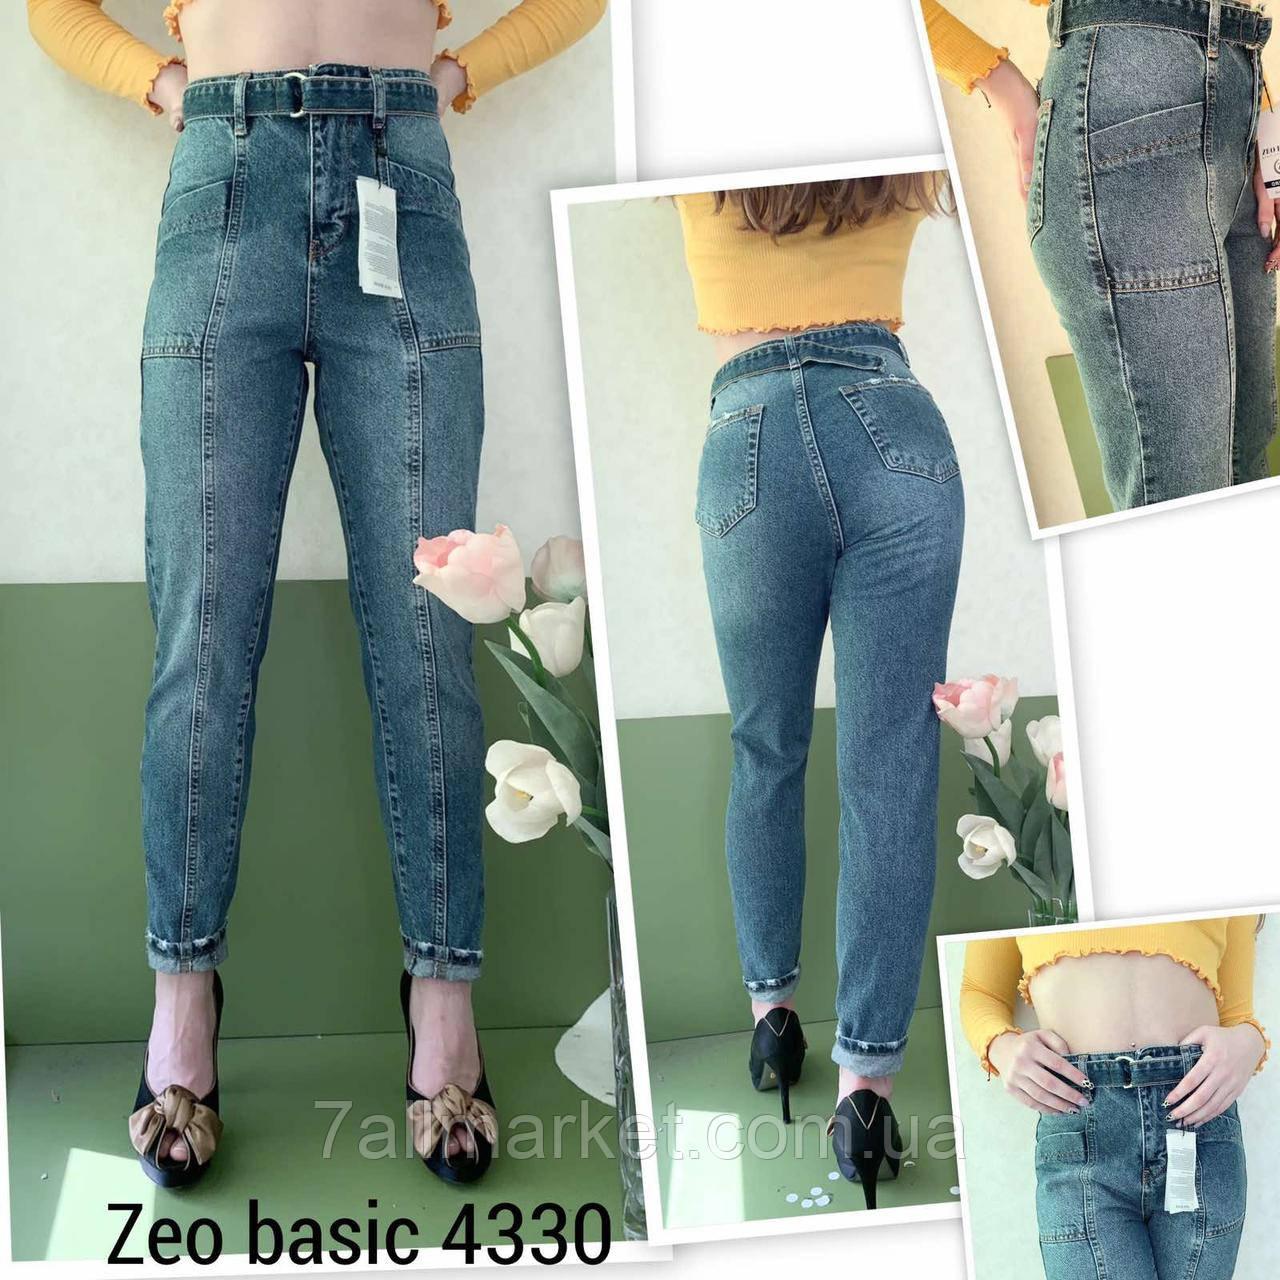 """Джинсы-момы женские Zeo Basic,сьемный пояс, размеры 34-40 """"Jeans Style"""" купить недорого от прямого поставщика"""